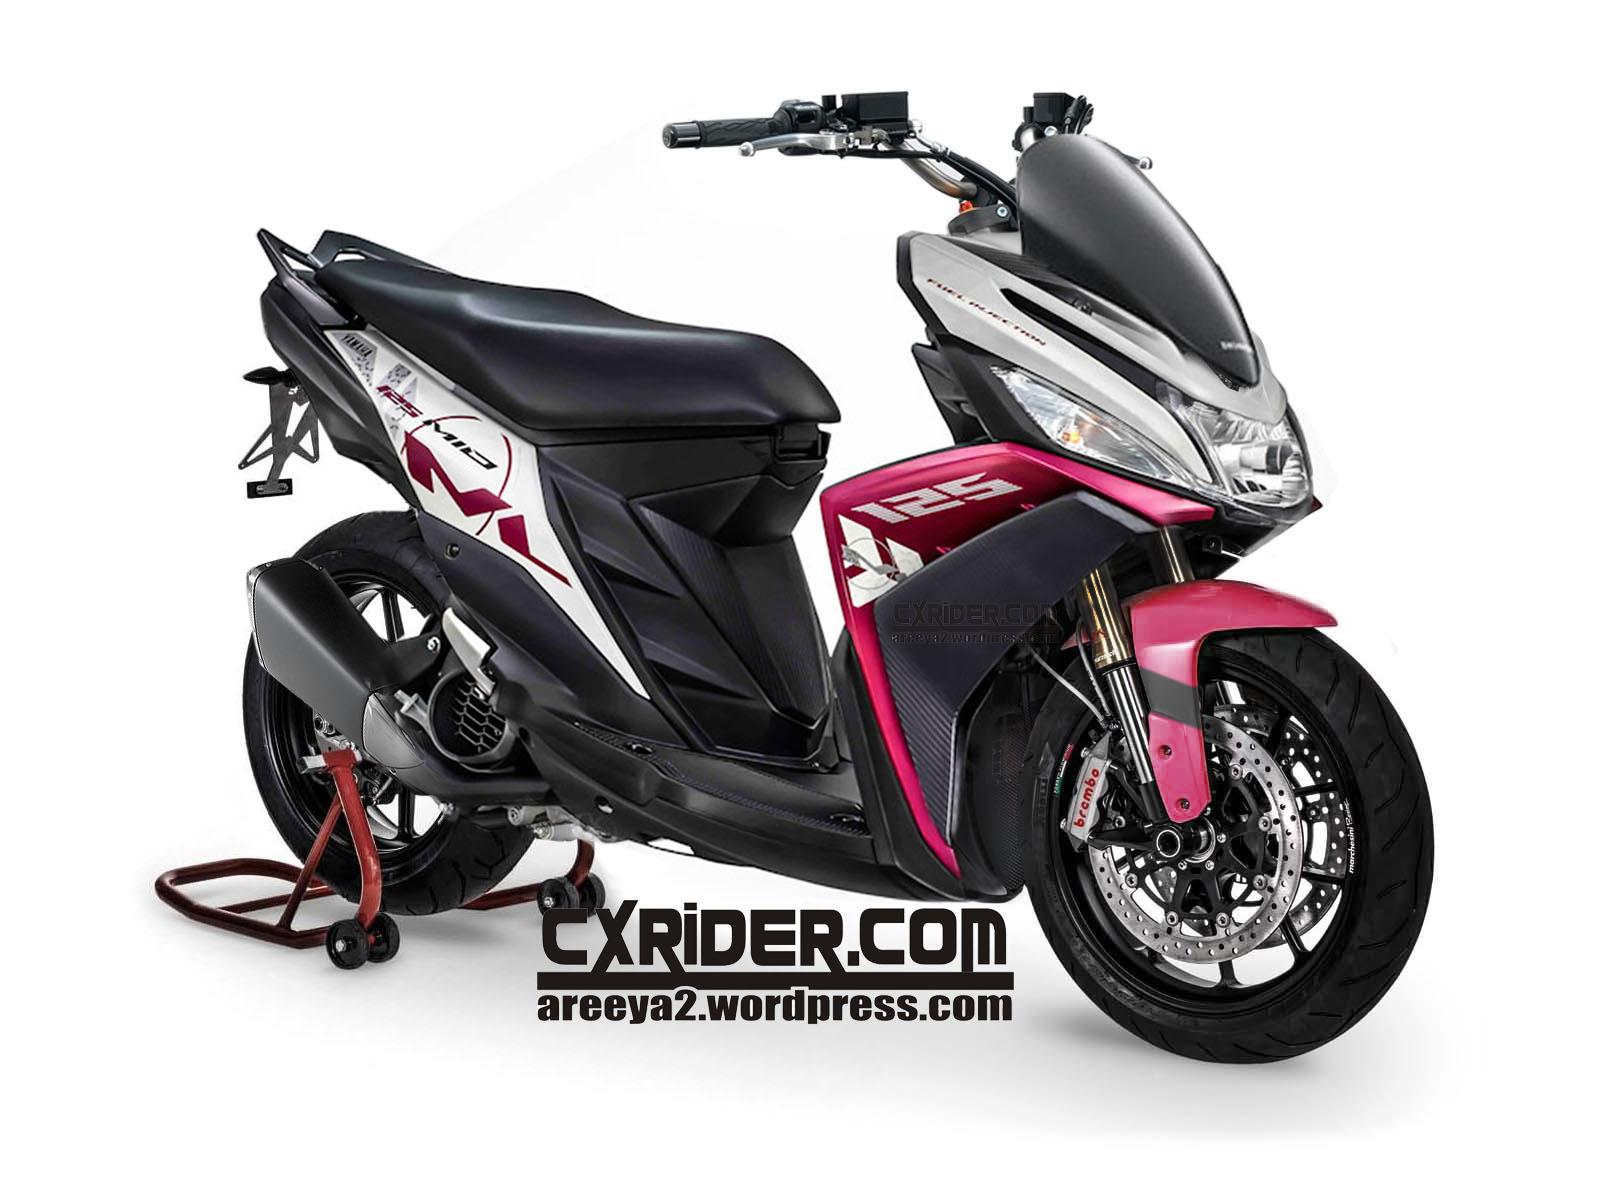 83 Modifikasi Motor Yamaha Mio M3 125 Terlengkap Ketoprak Motor